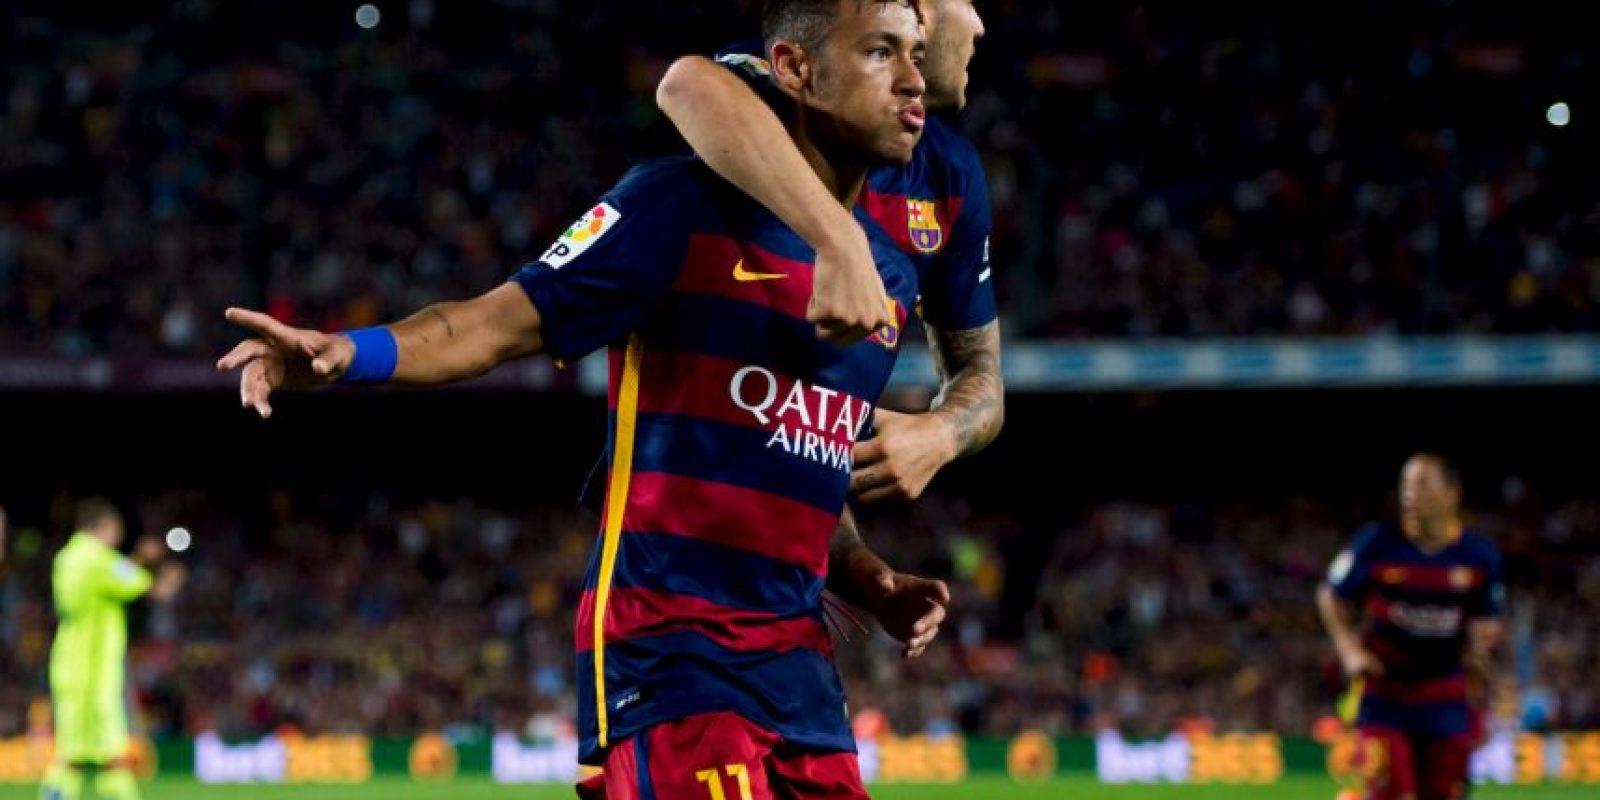 El peso del equipo caerá en Neymar y Luis Suárez Foto:Getty Images